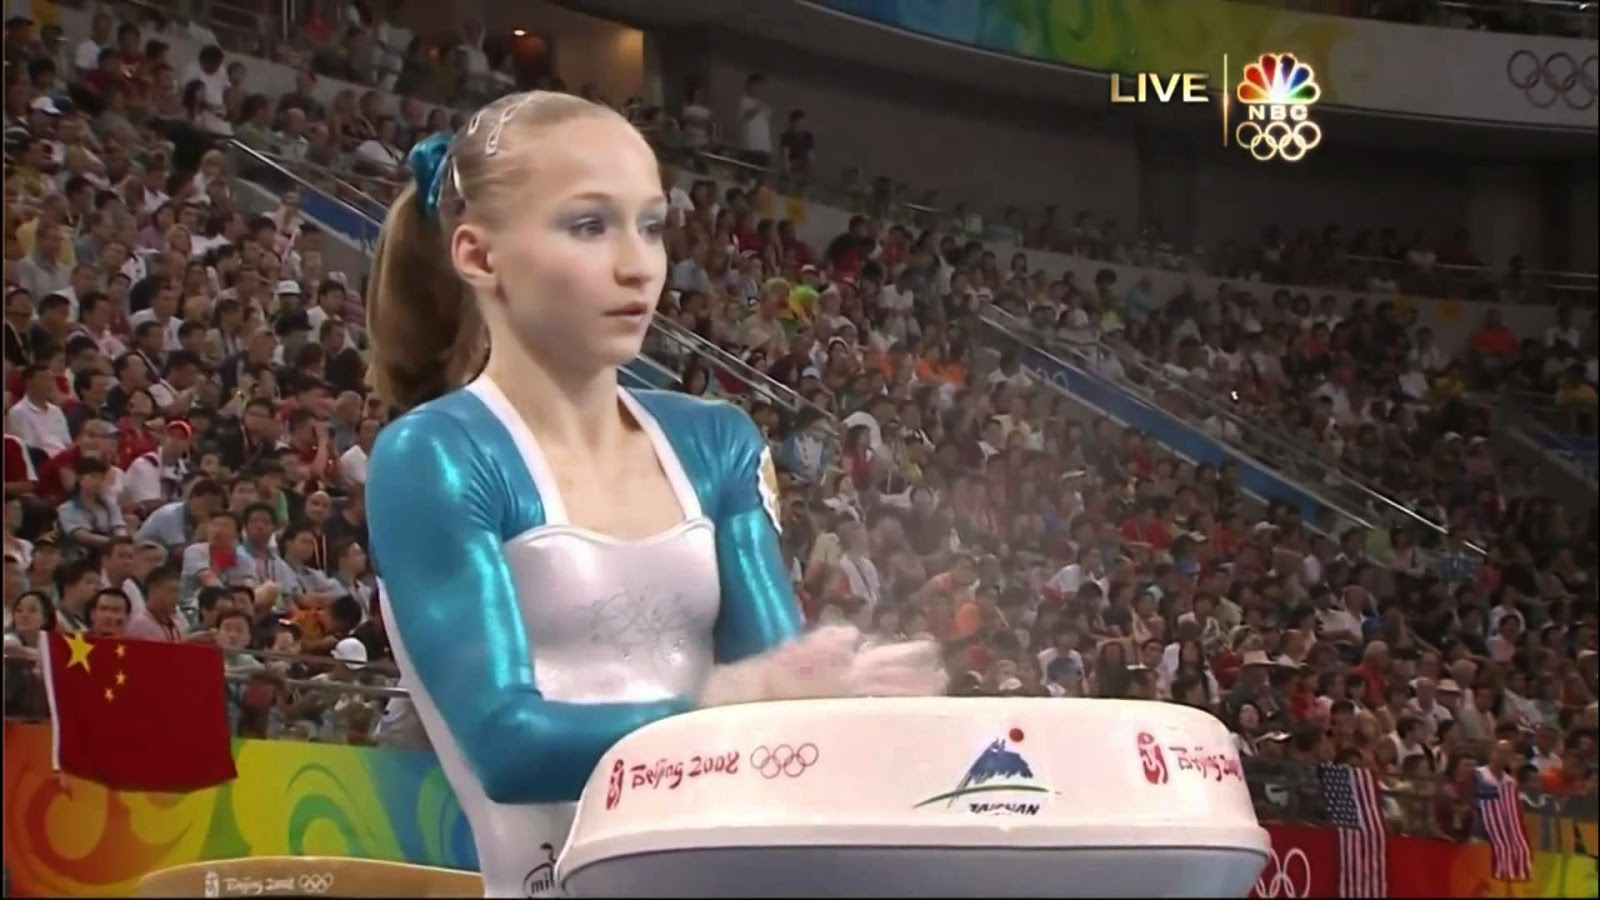 Sochi Russian Woman Is